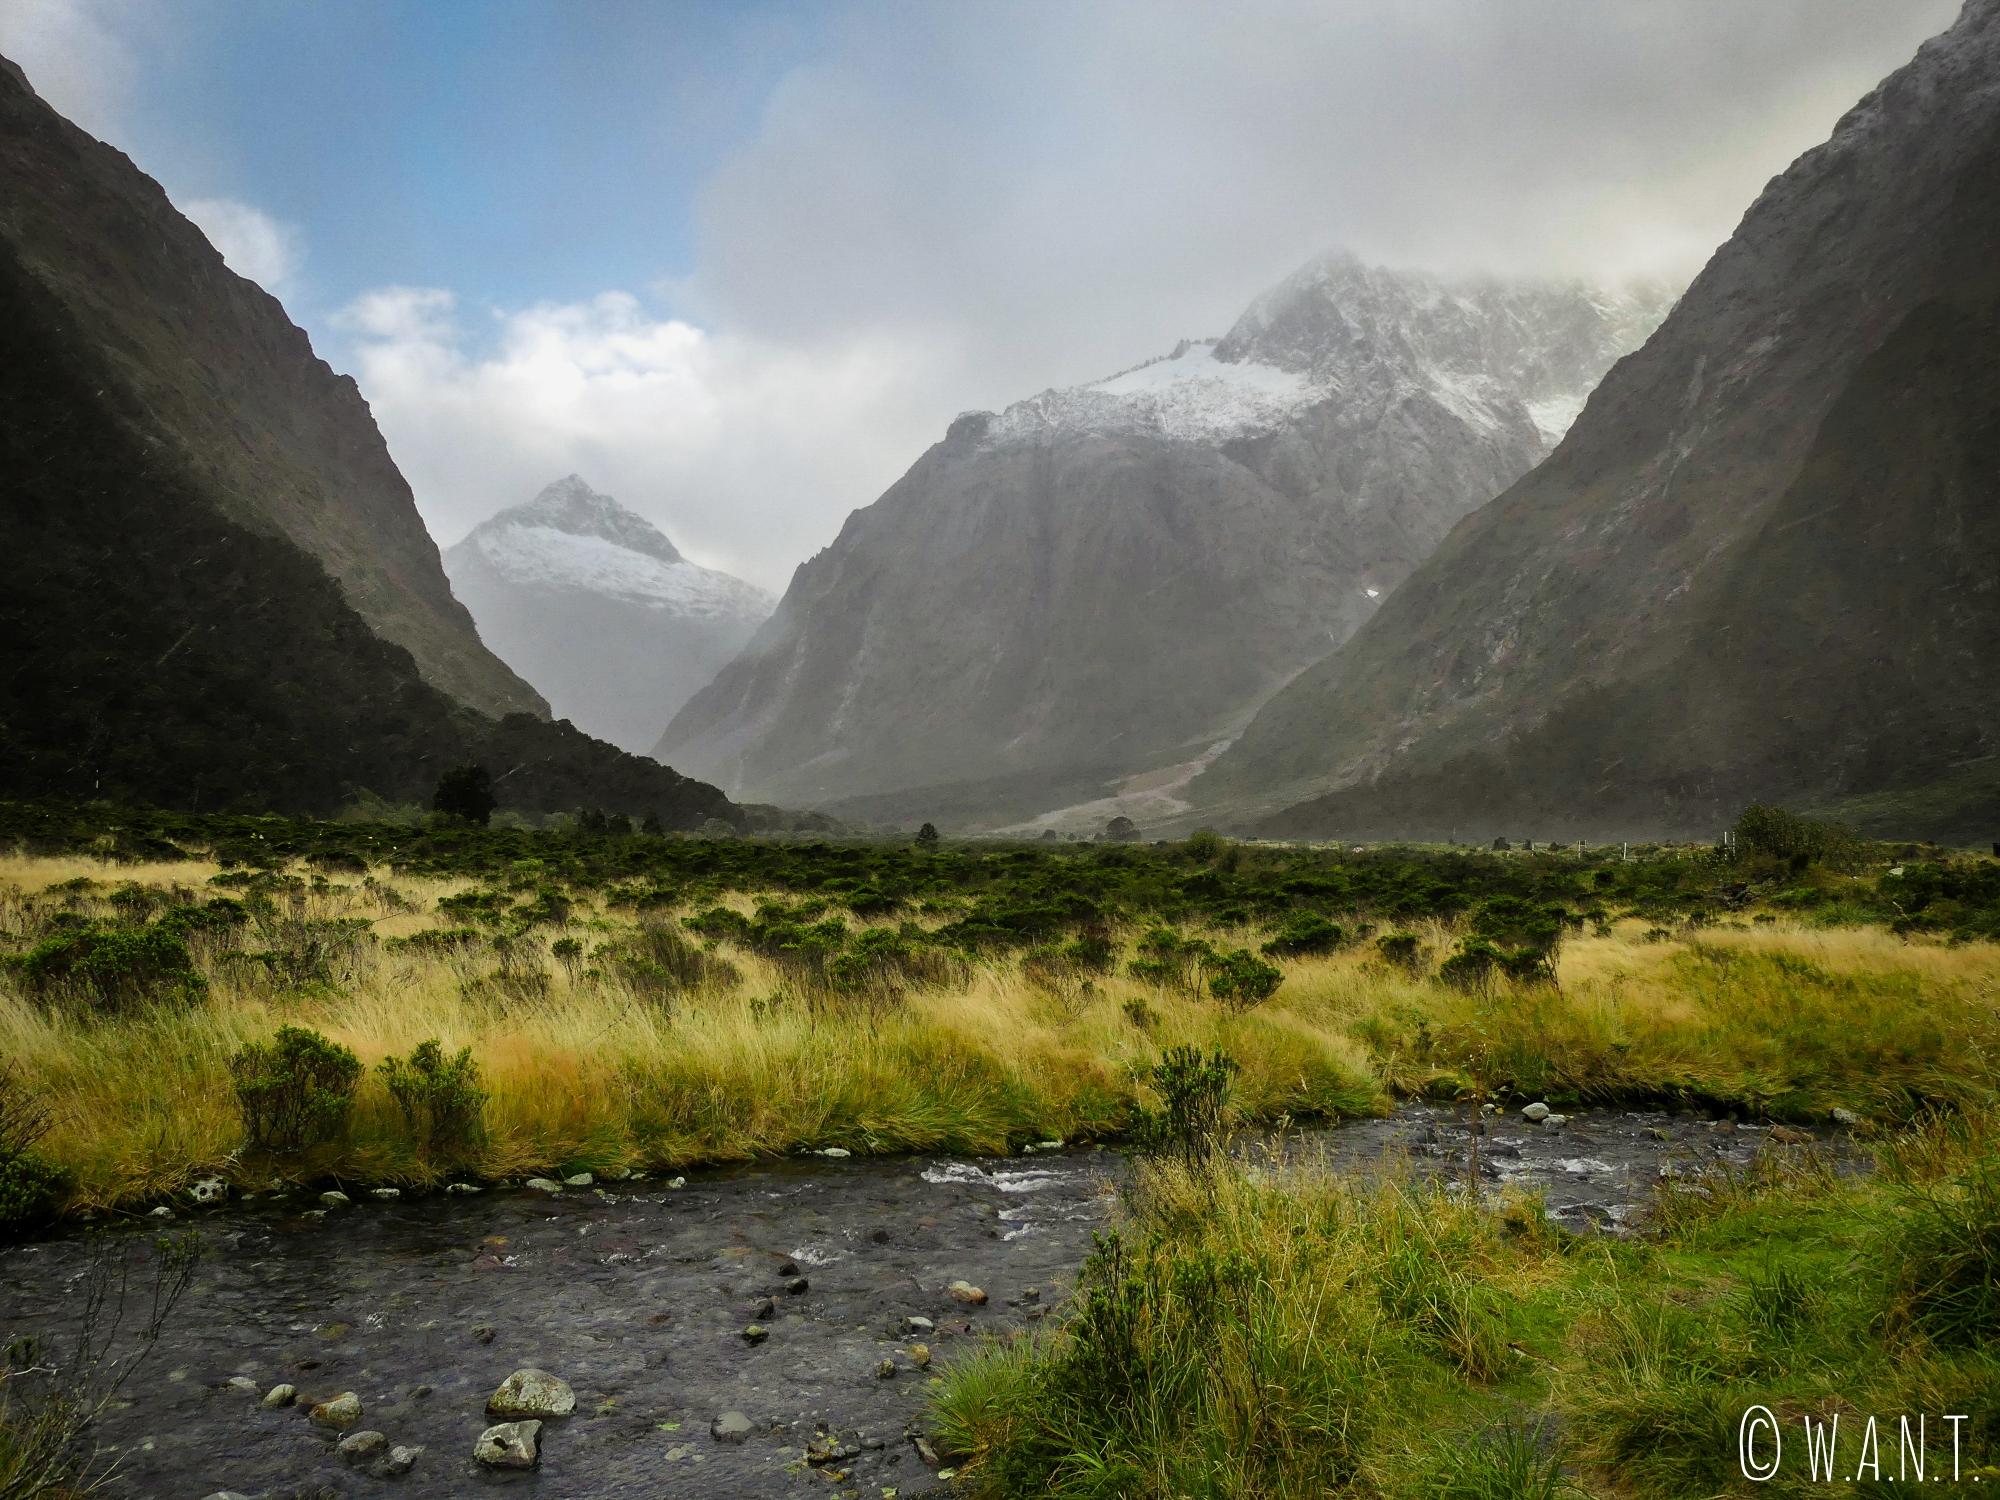 La brume rend le paysage mystique au Fiordland National Park en Nouvelle-Zélande